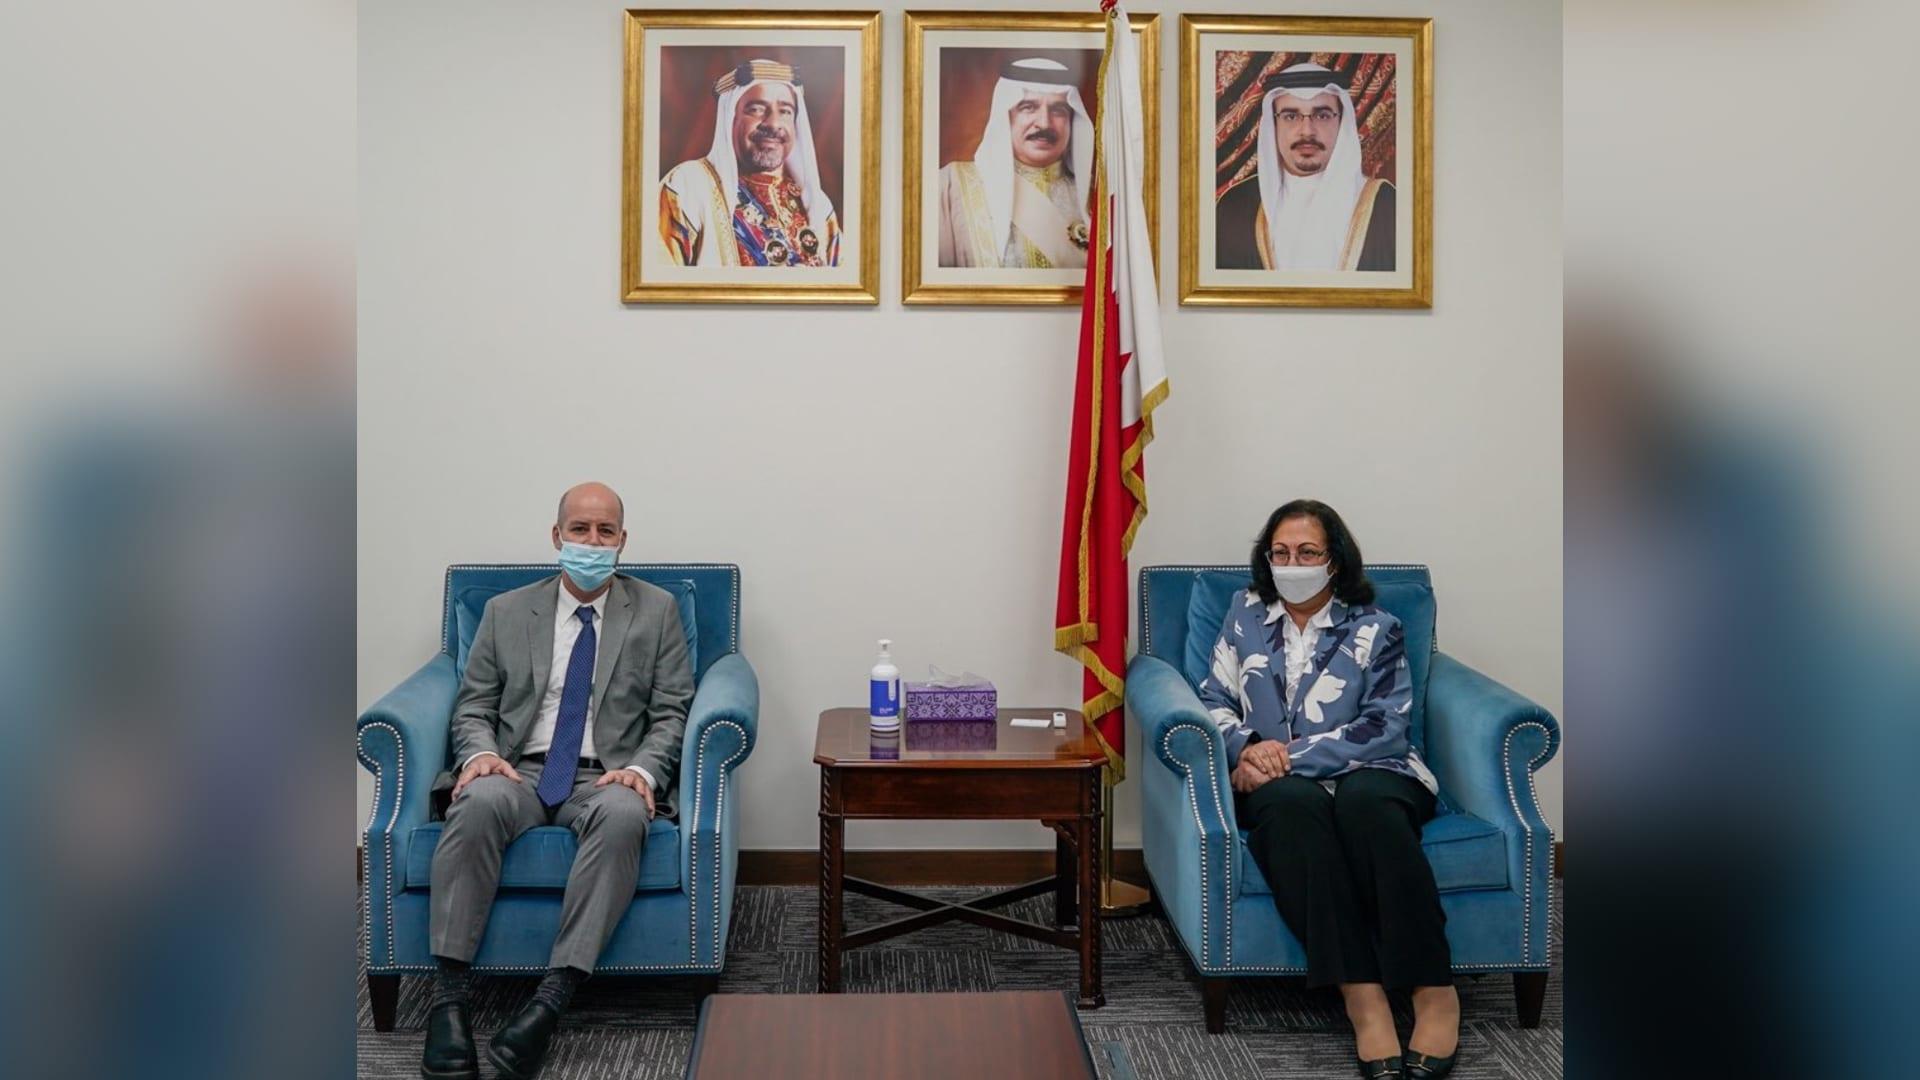 استقبال وزيرة الصحة البحرينية، فائقة بنت سعيد الصالح، القائم بأعمال سفير إسرائيل لدى البحرين، عيتاي تاغنر